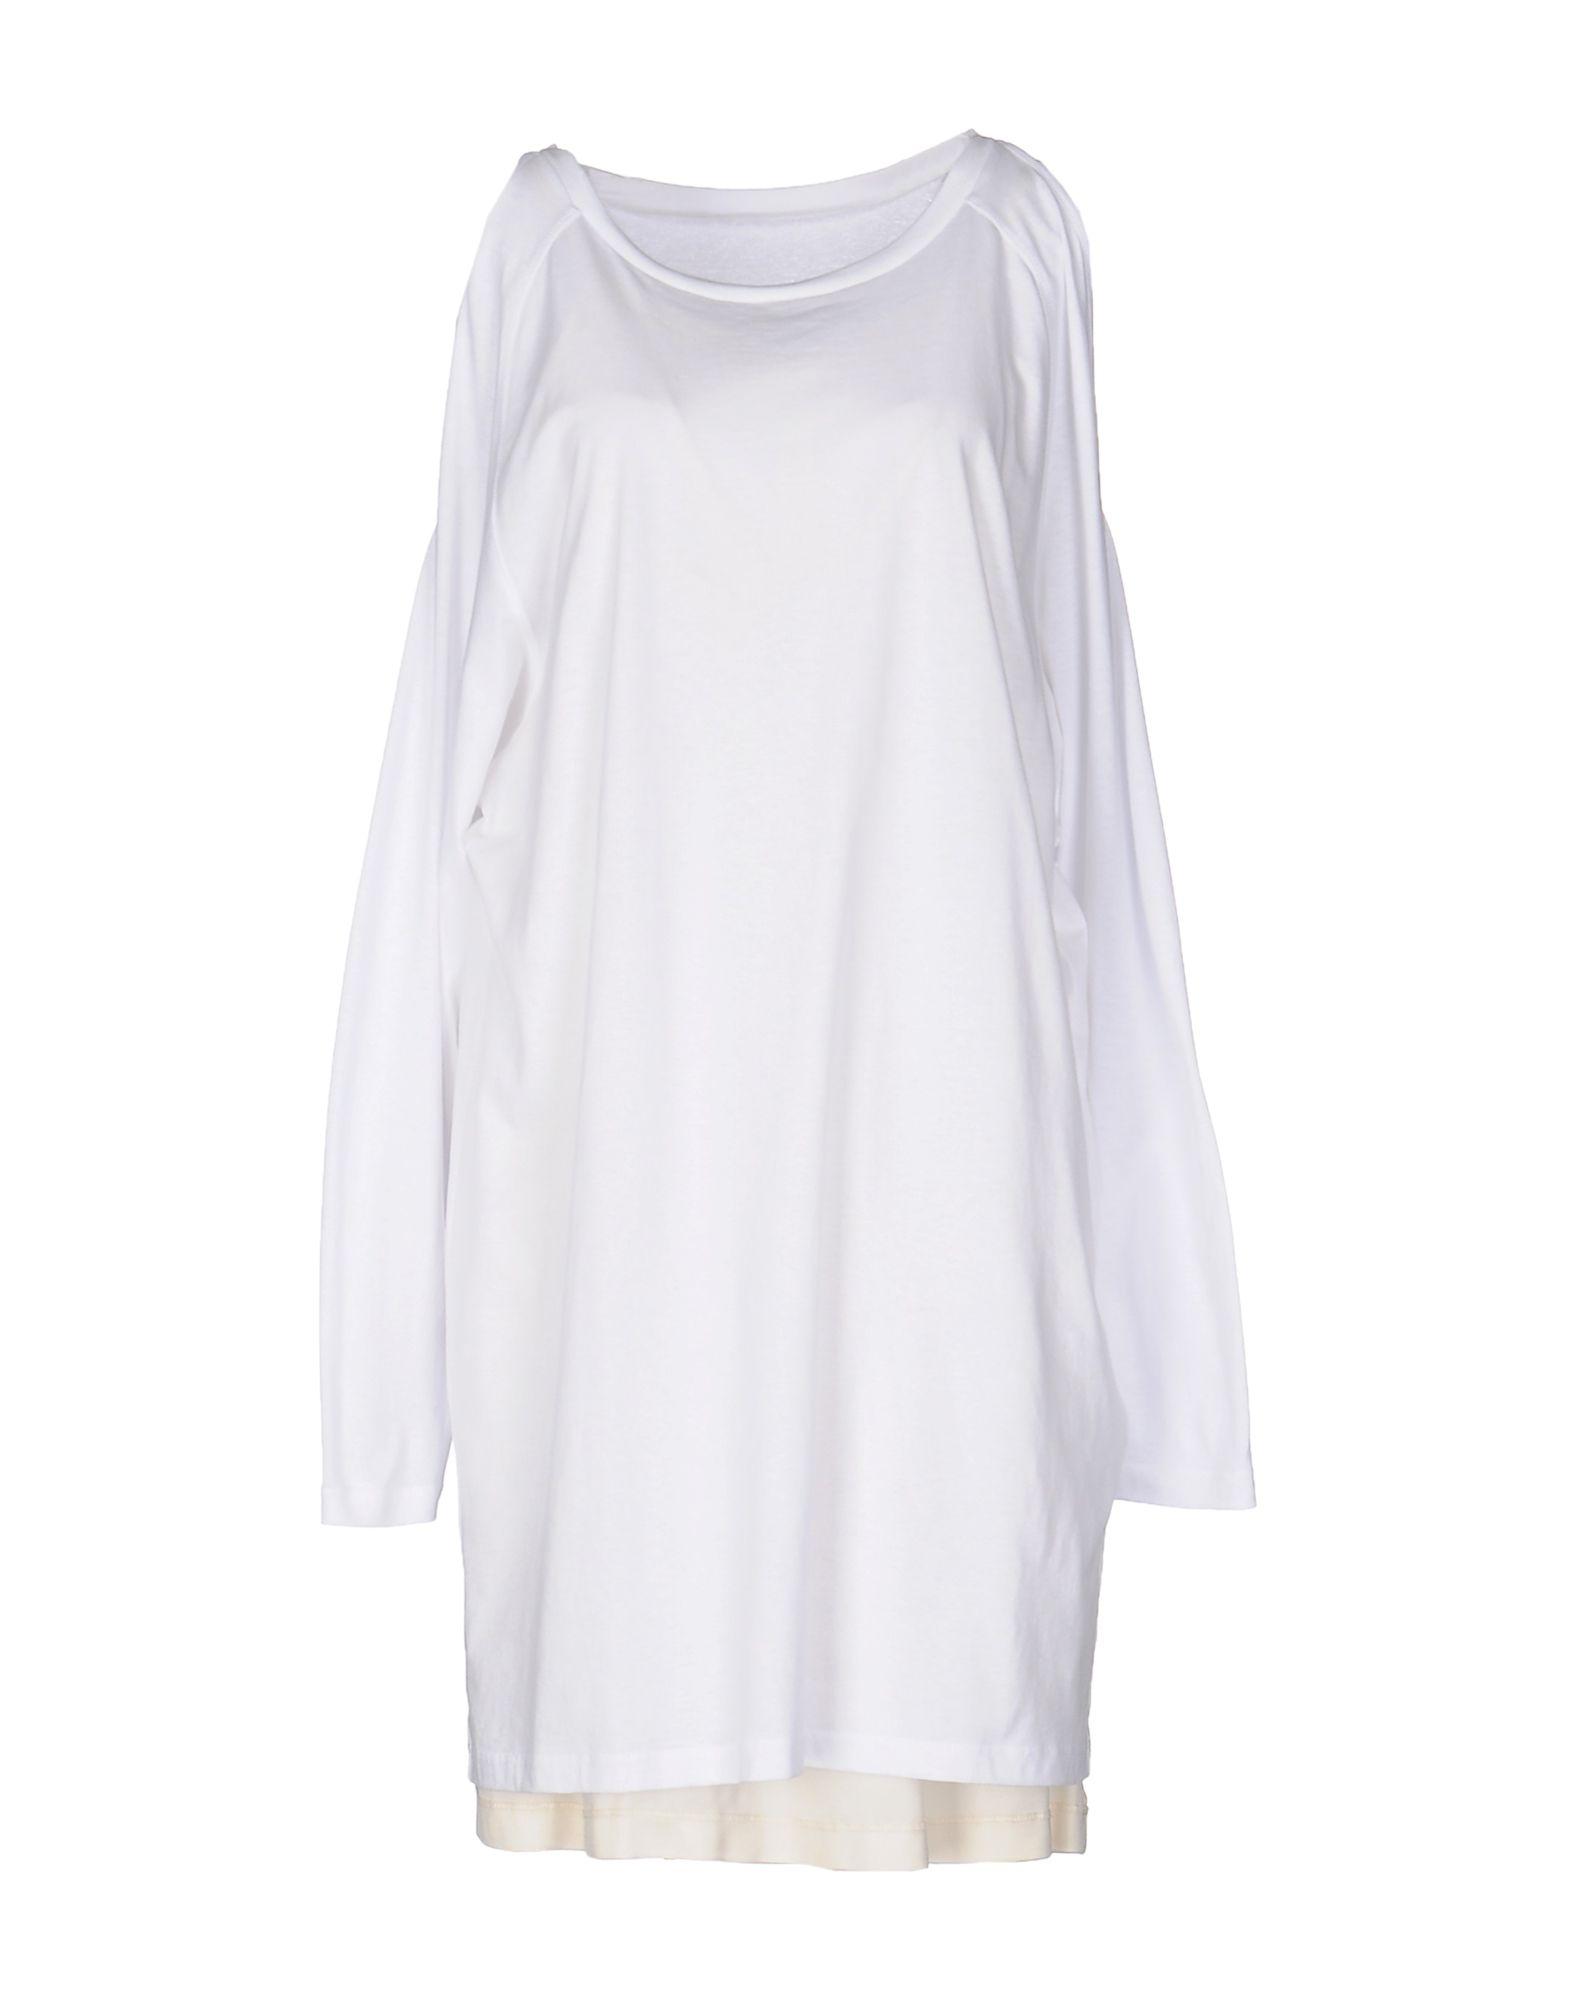 MM6 MAISON MARGIELA Damen Kurzes Kleid Farbe Weiß Größe 3 - broschei